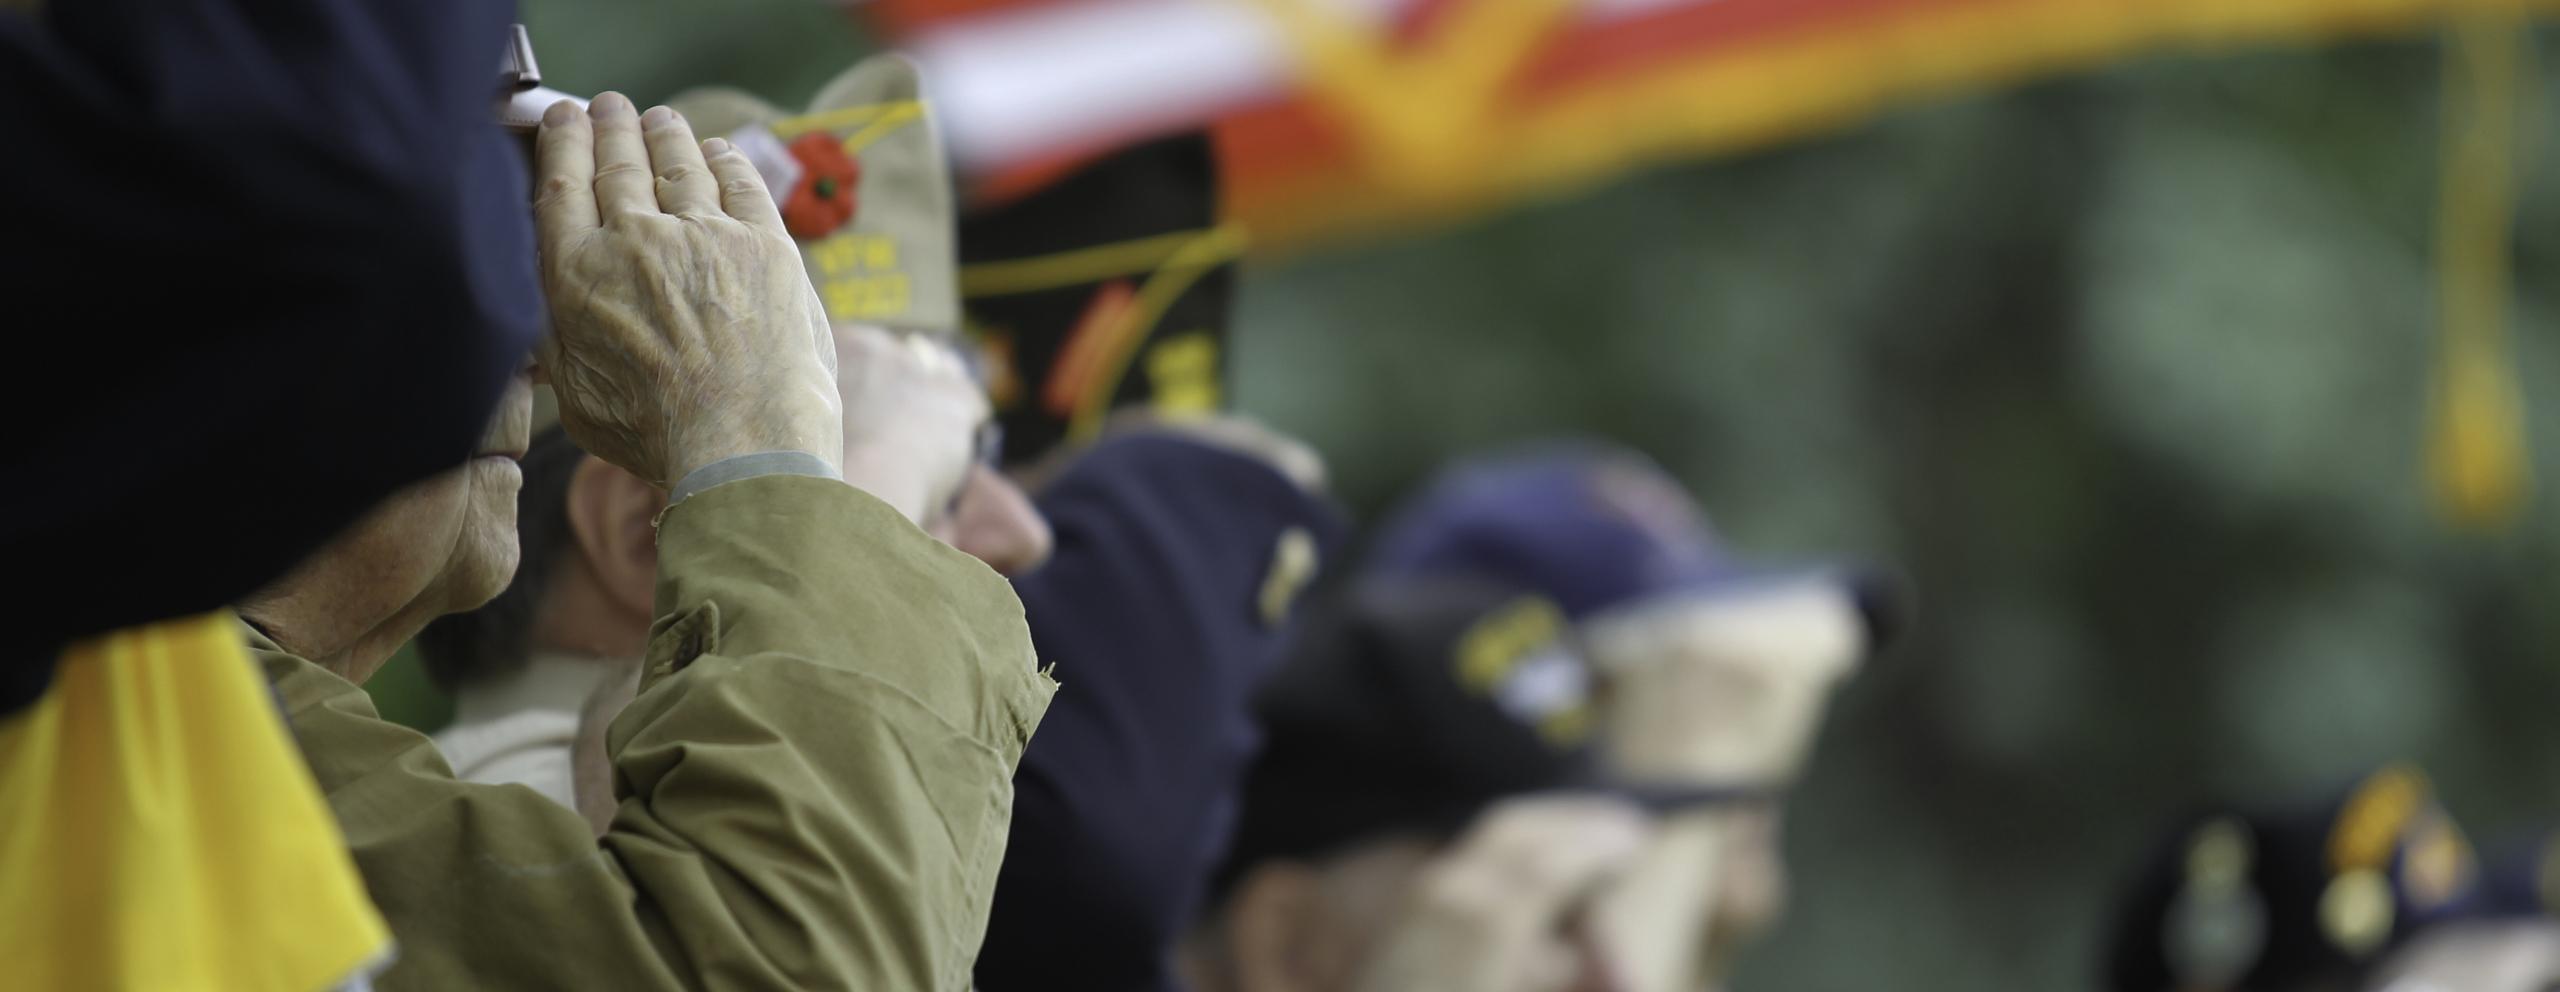 Veterans saluting flag